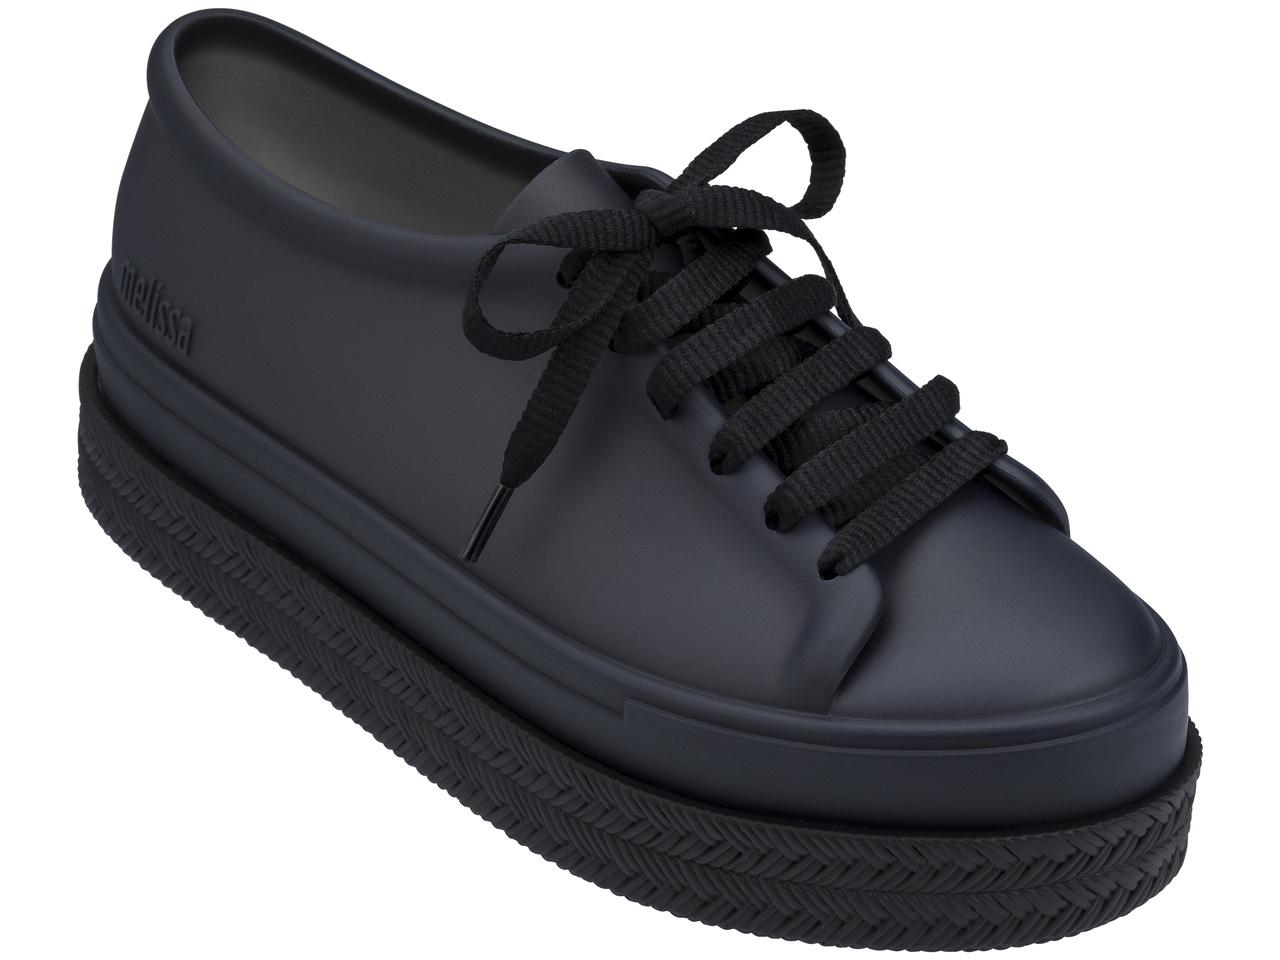 melissa-cierne-tenisky-na-platforme-be-ii-black_32349-53296-A-5b07e0faaf158